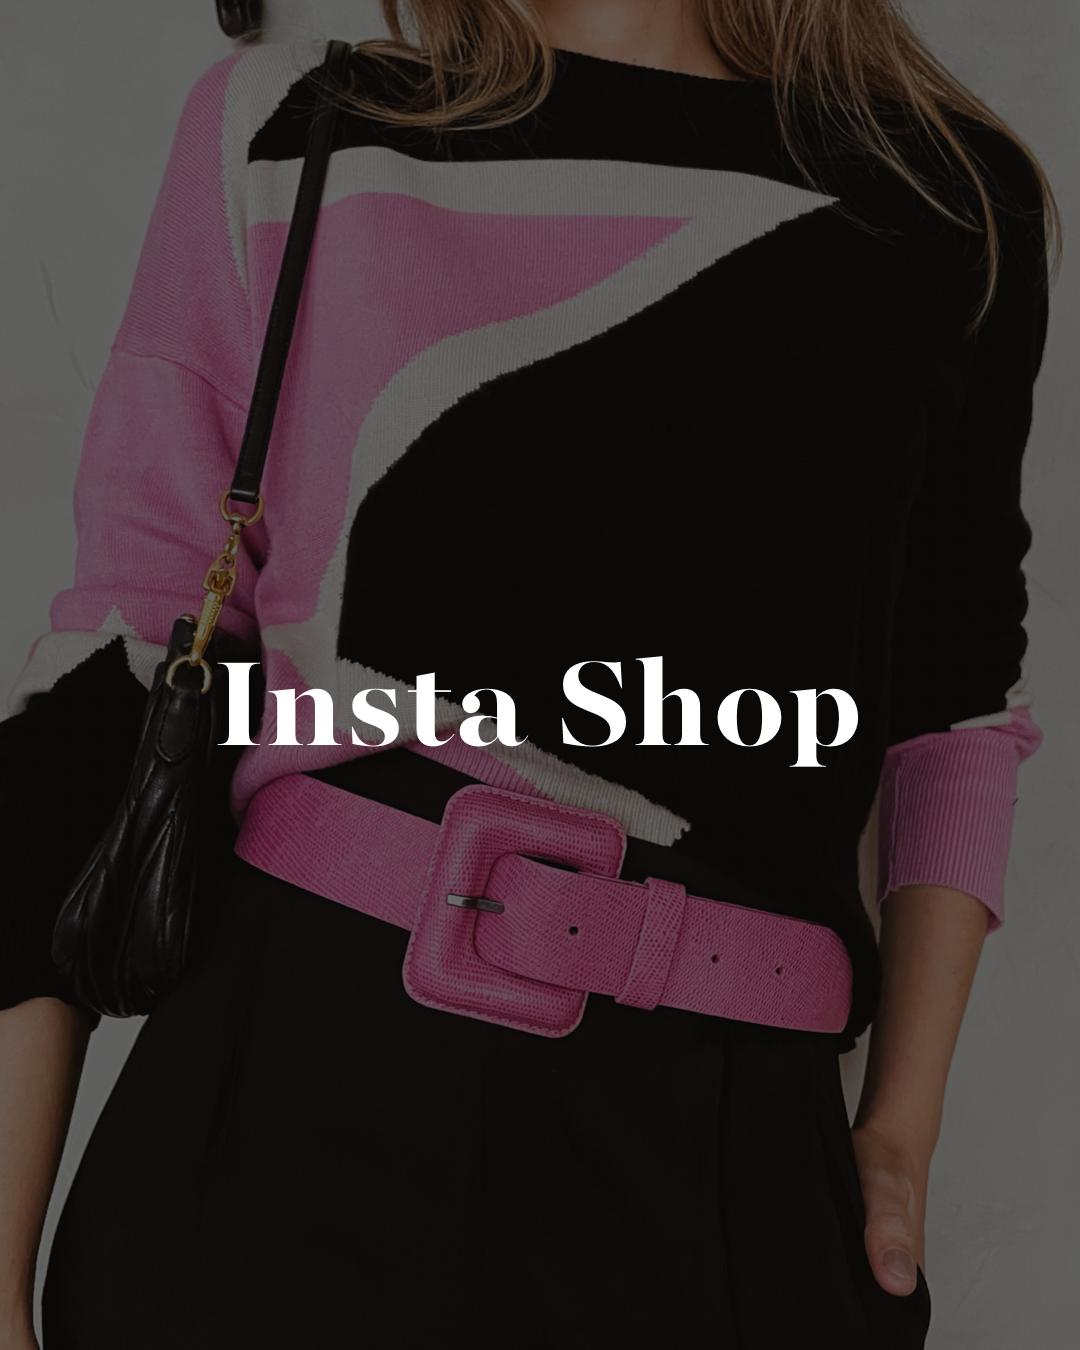 Instagram Dress & Go